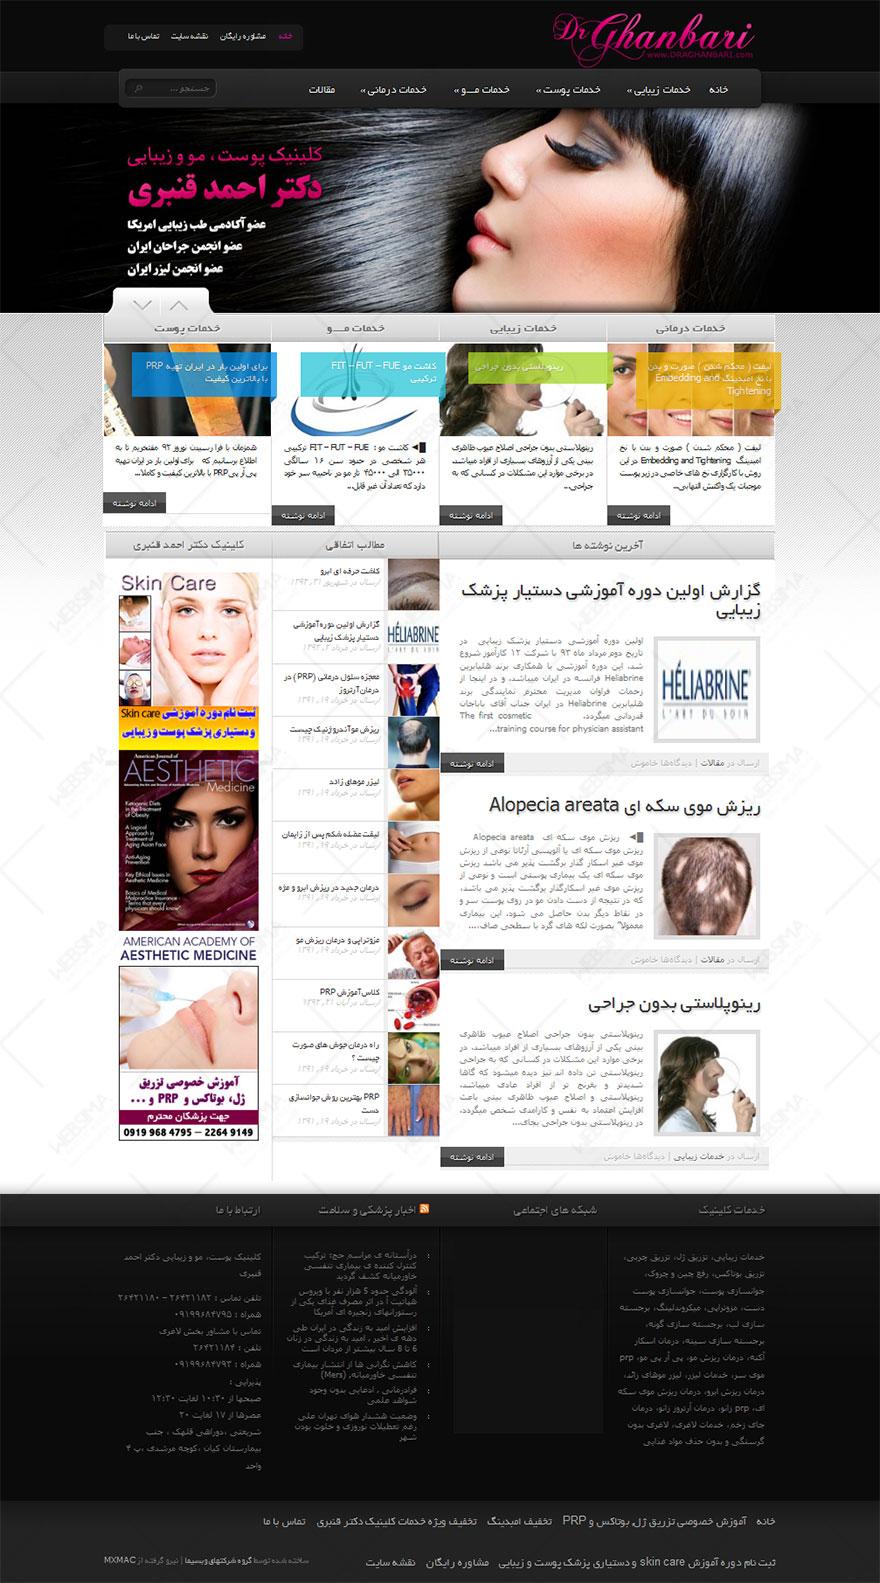 طراحی سایت دکتر قنبری